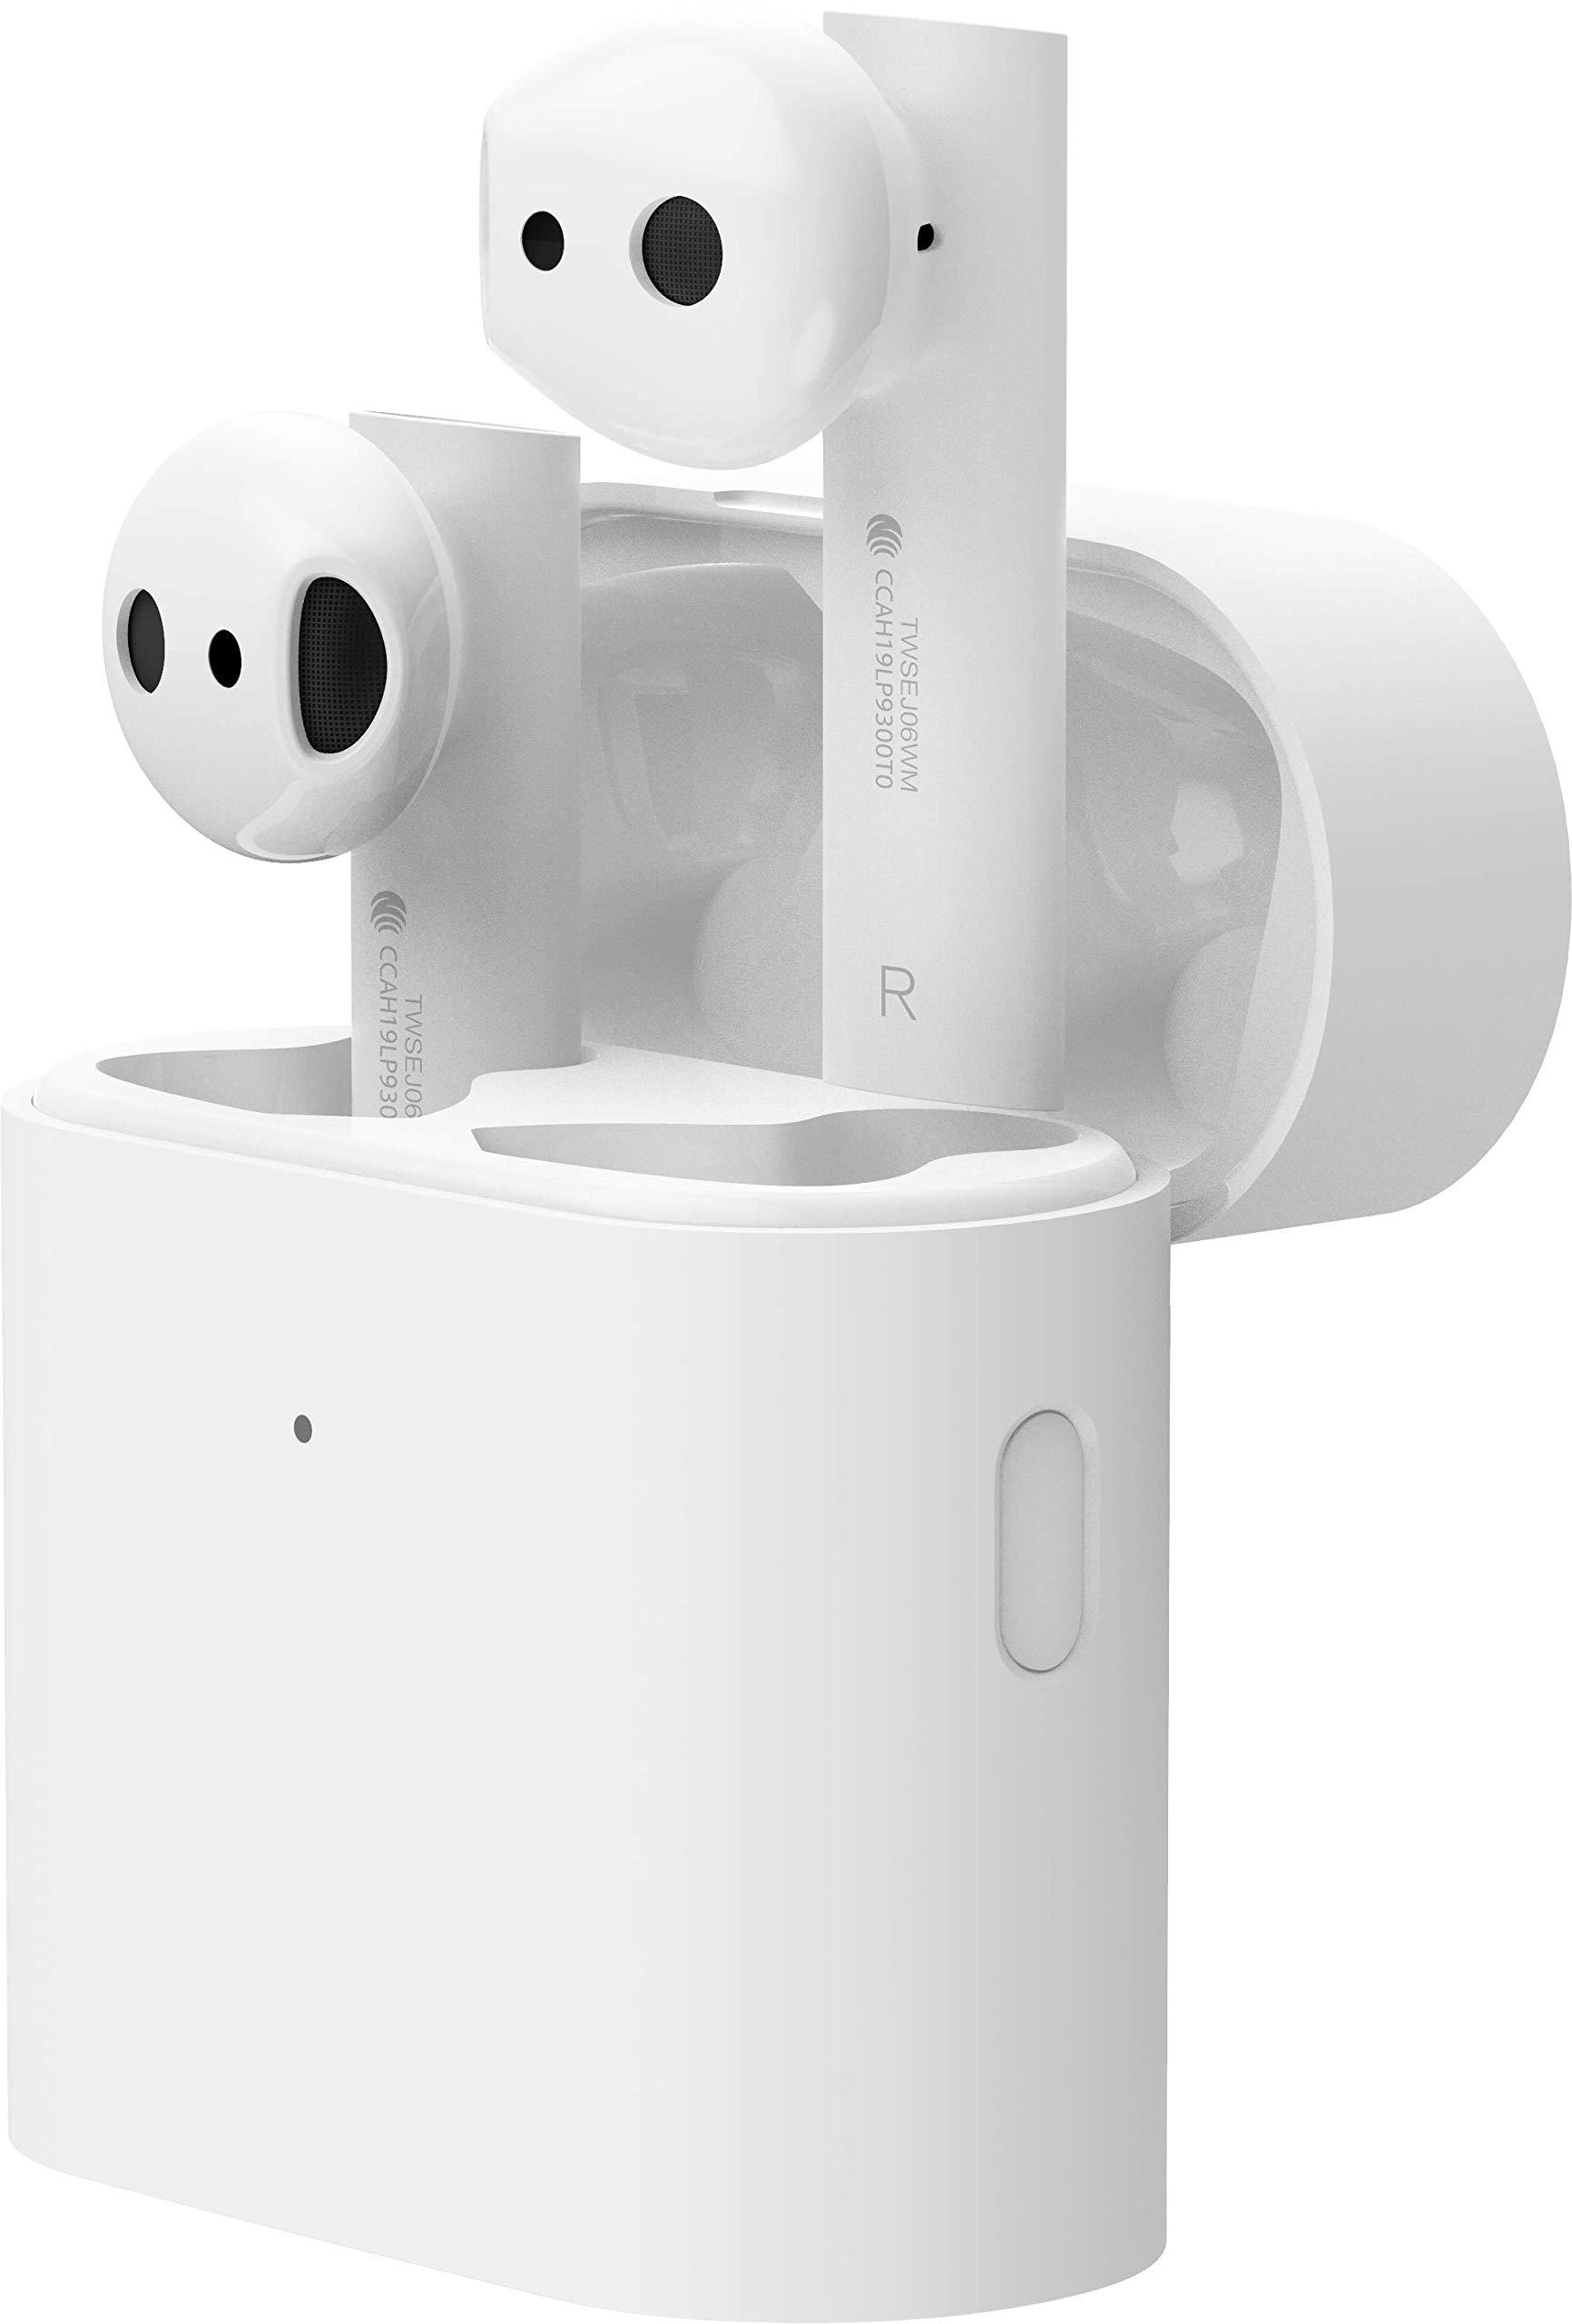 Xiaomi Mi True Wireless Earphones 2, Auriculares inalámbricos sin Cables, conexión Bluetooth 5.0, Control Doble Tap, Audio Codec SBC, AAC, LHDC, Compatible con Dispositivos iOS y Android: Amazon.es: Electrónica